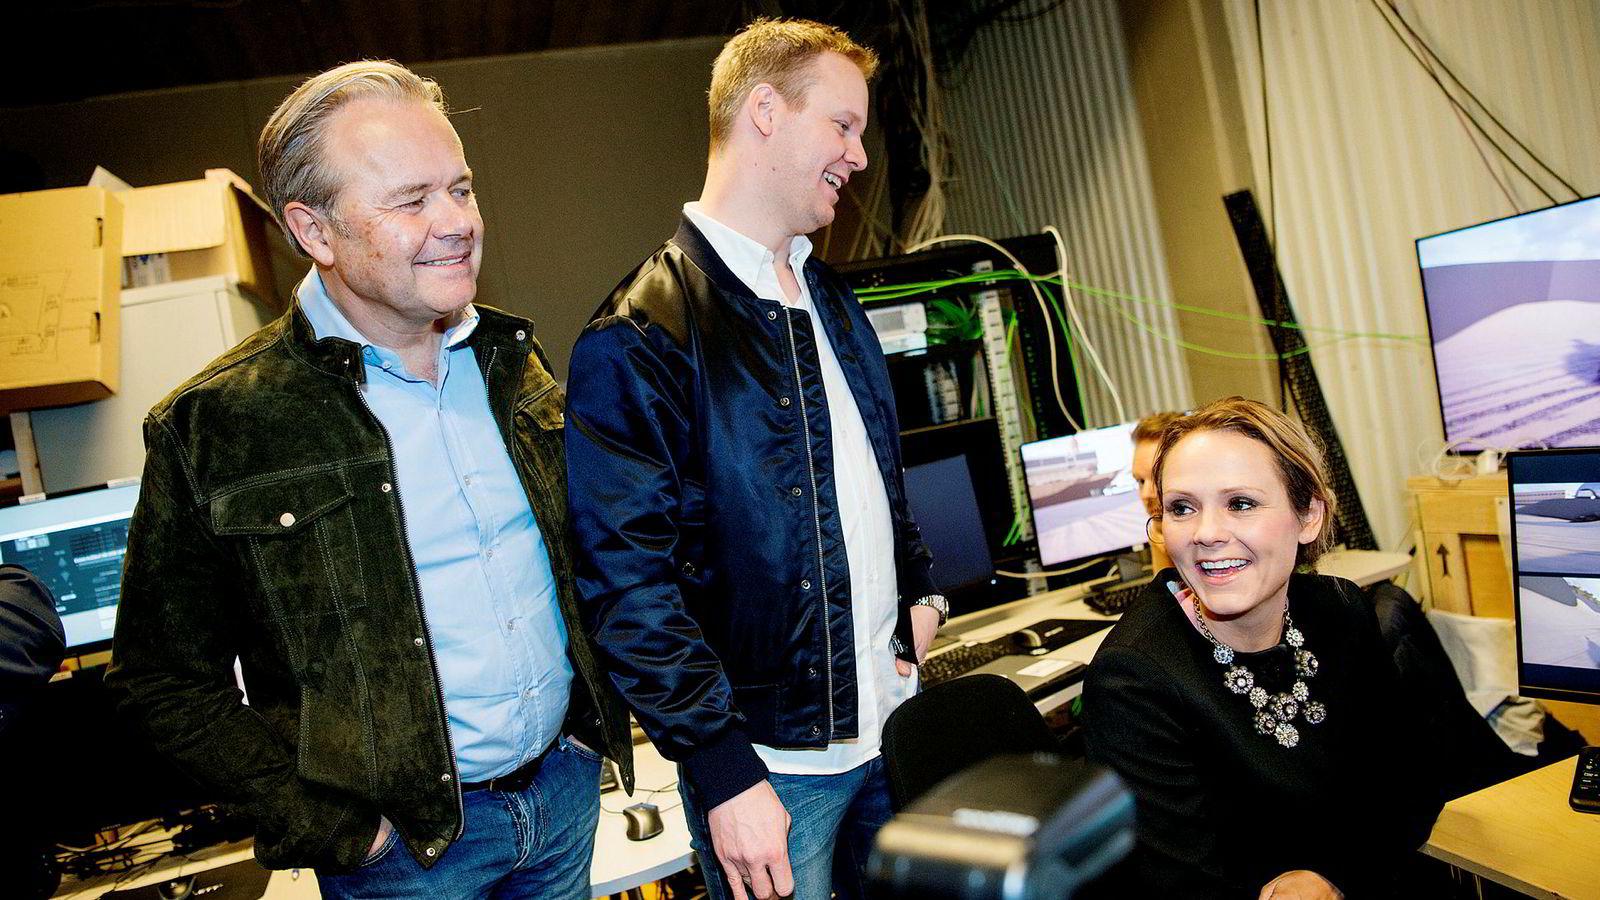 Gründerne Jens Petter Høili (til venstre) og Bård-Anders Kasin med tidligere kulturminister Linda Hofstad Helleland, under en presentasjon av teknologien til The Future Group i 2016.